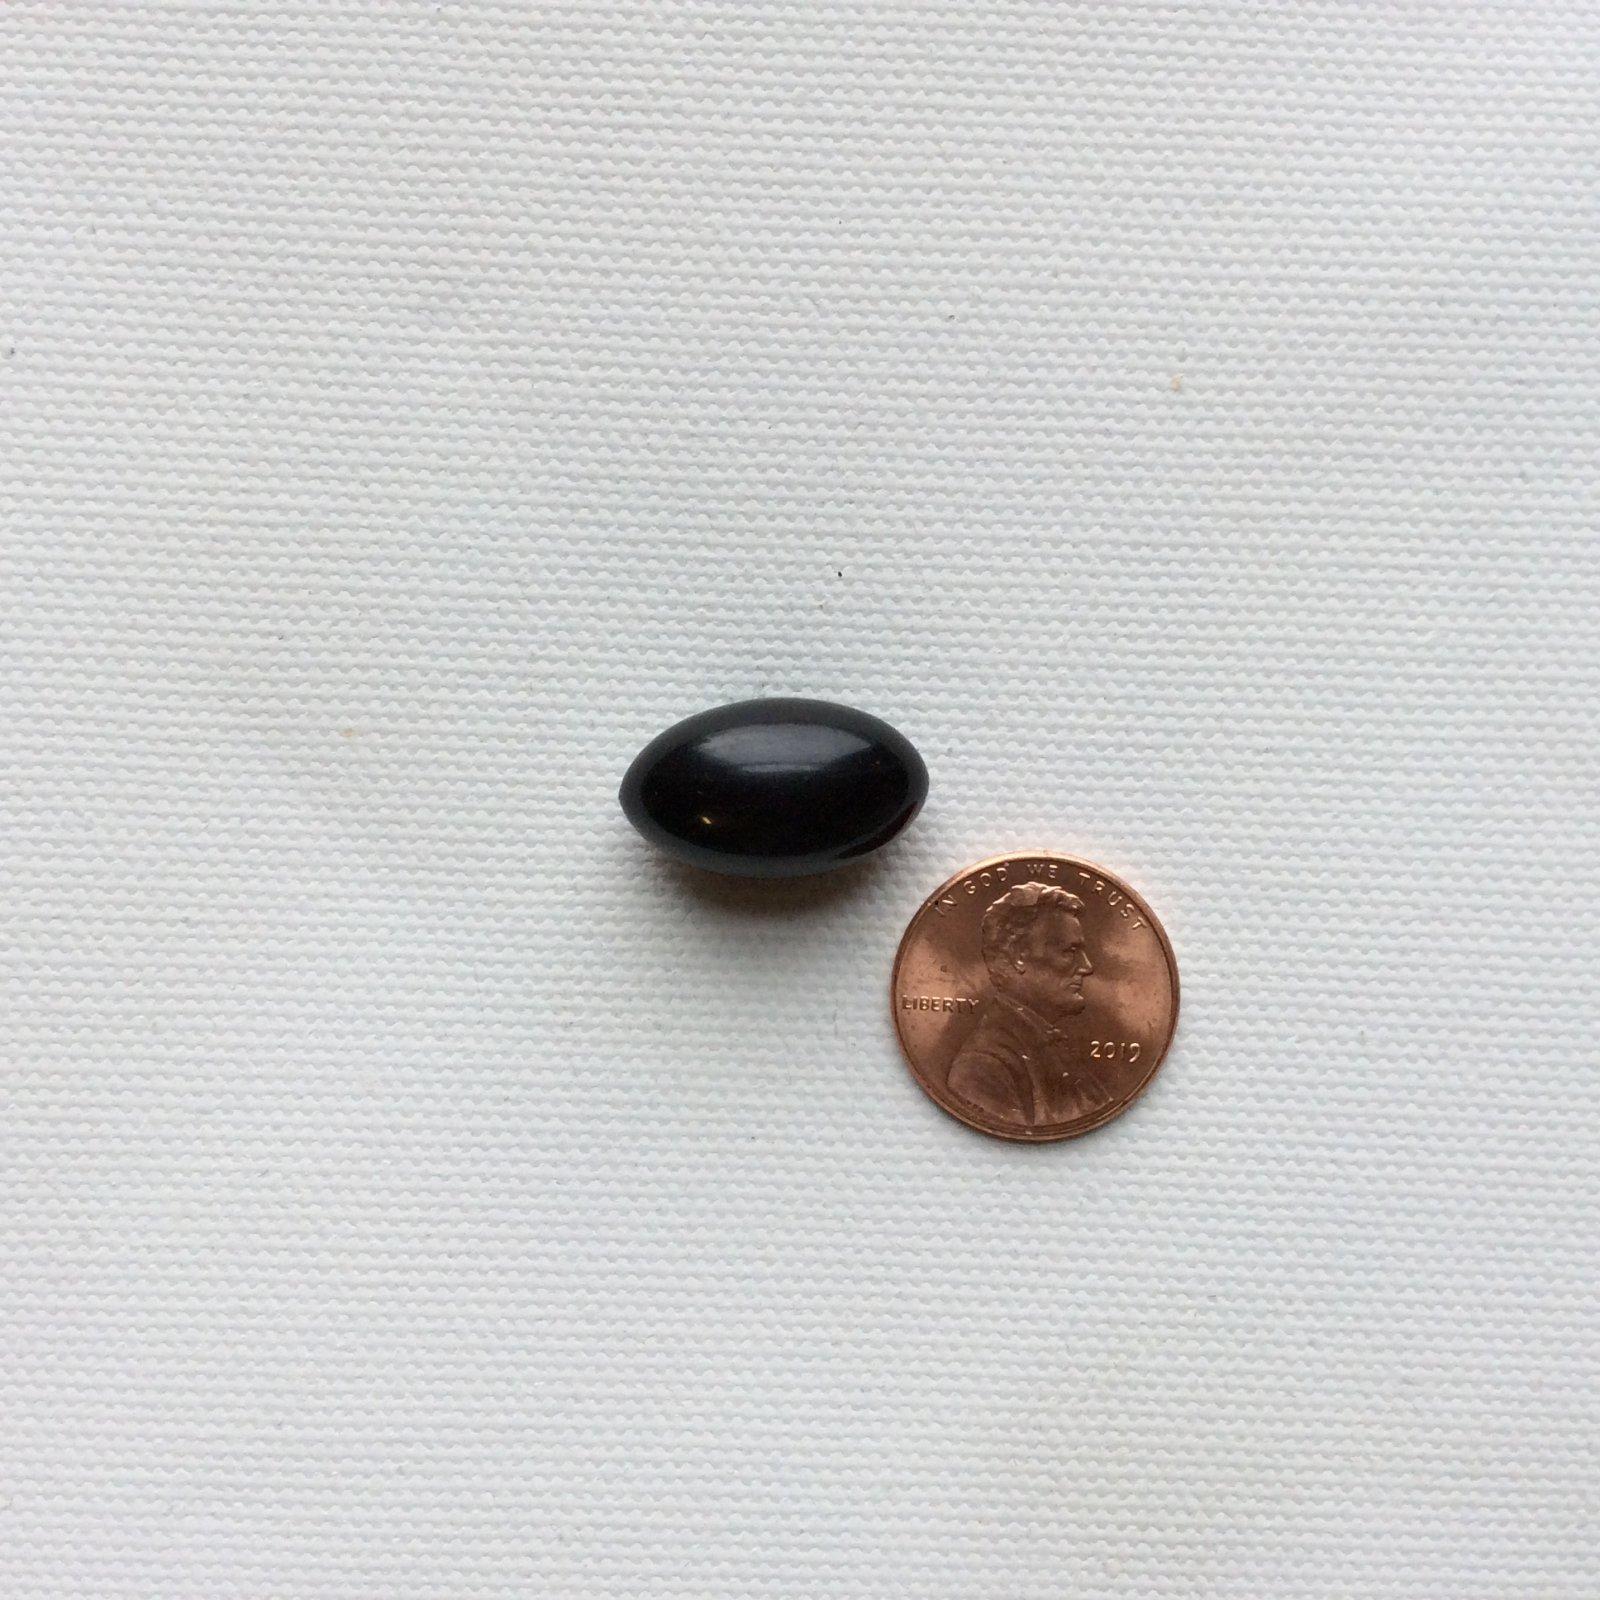 Antique Vintage Oval Black Plastic Button VB006